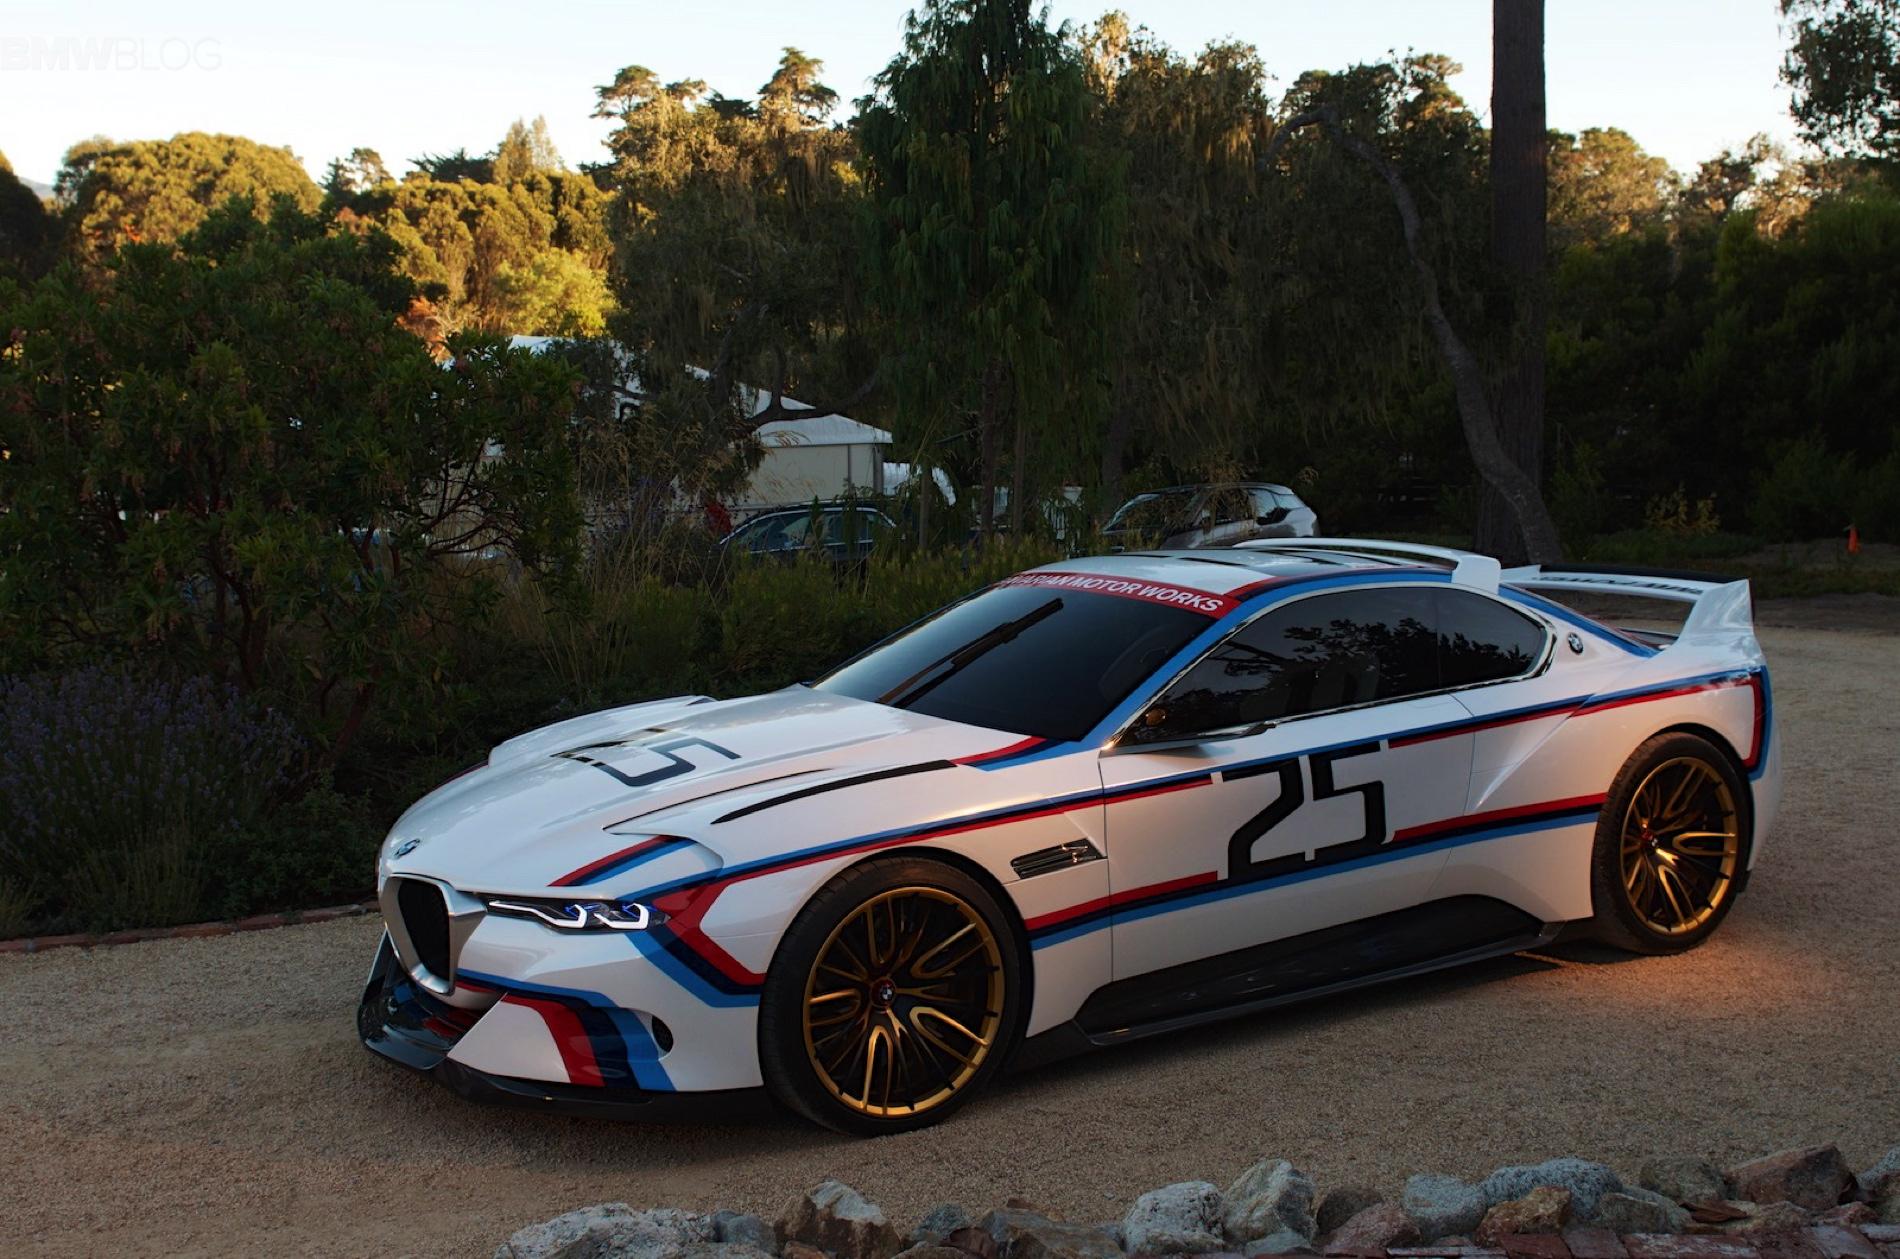 BMW M отметит 50-летие со специальными моделями